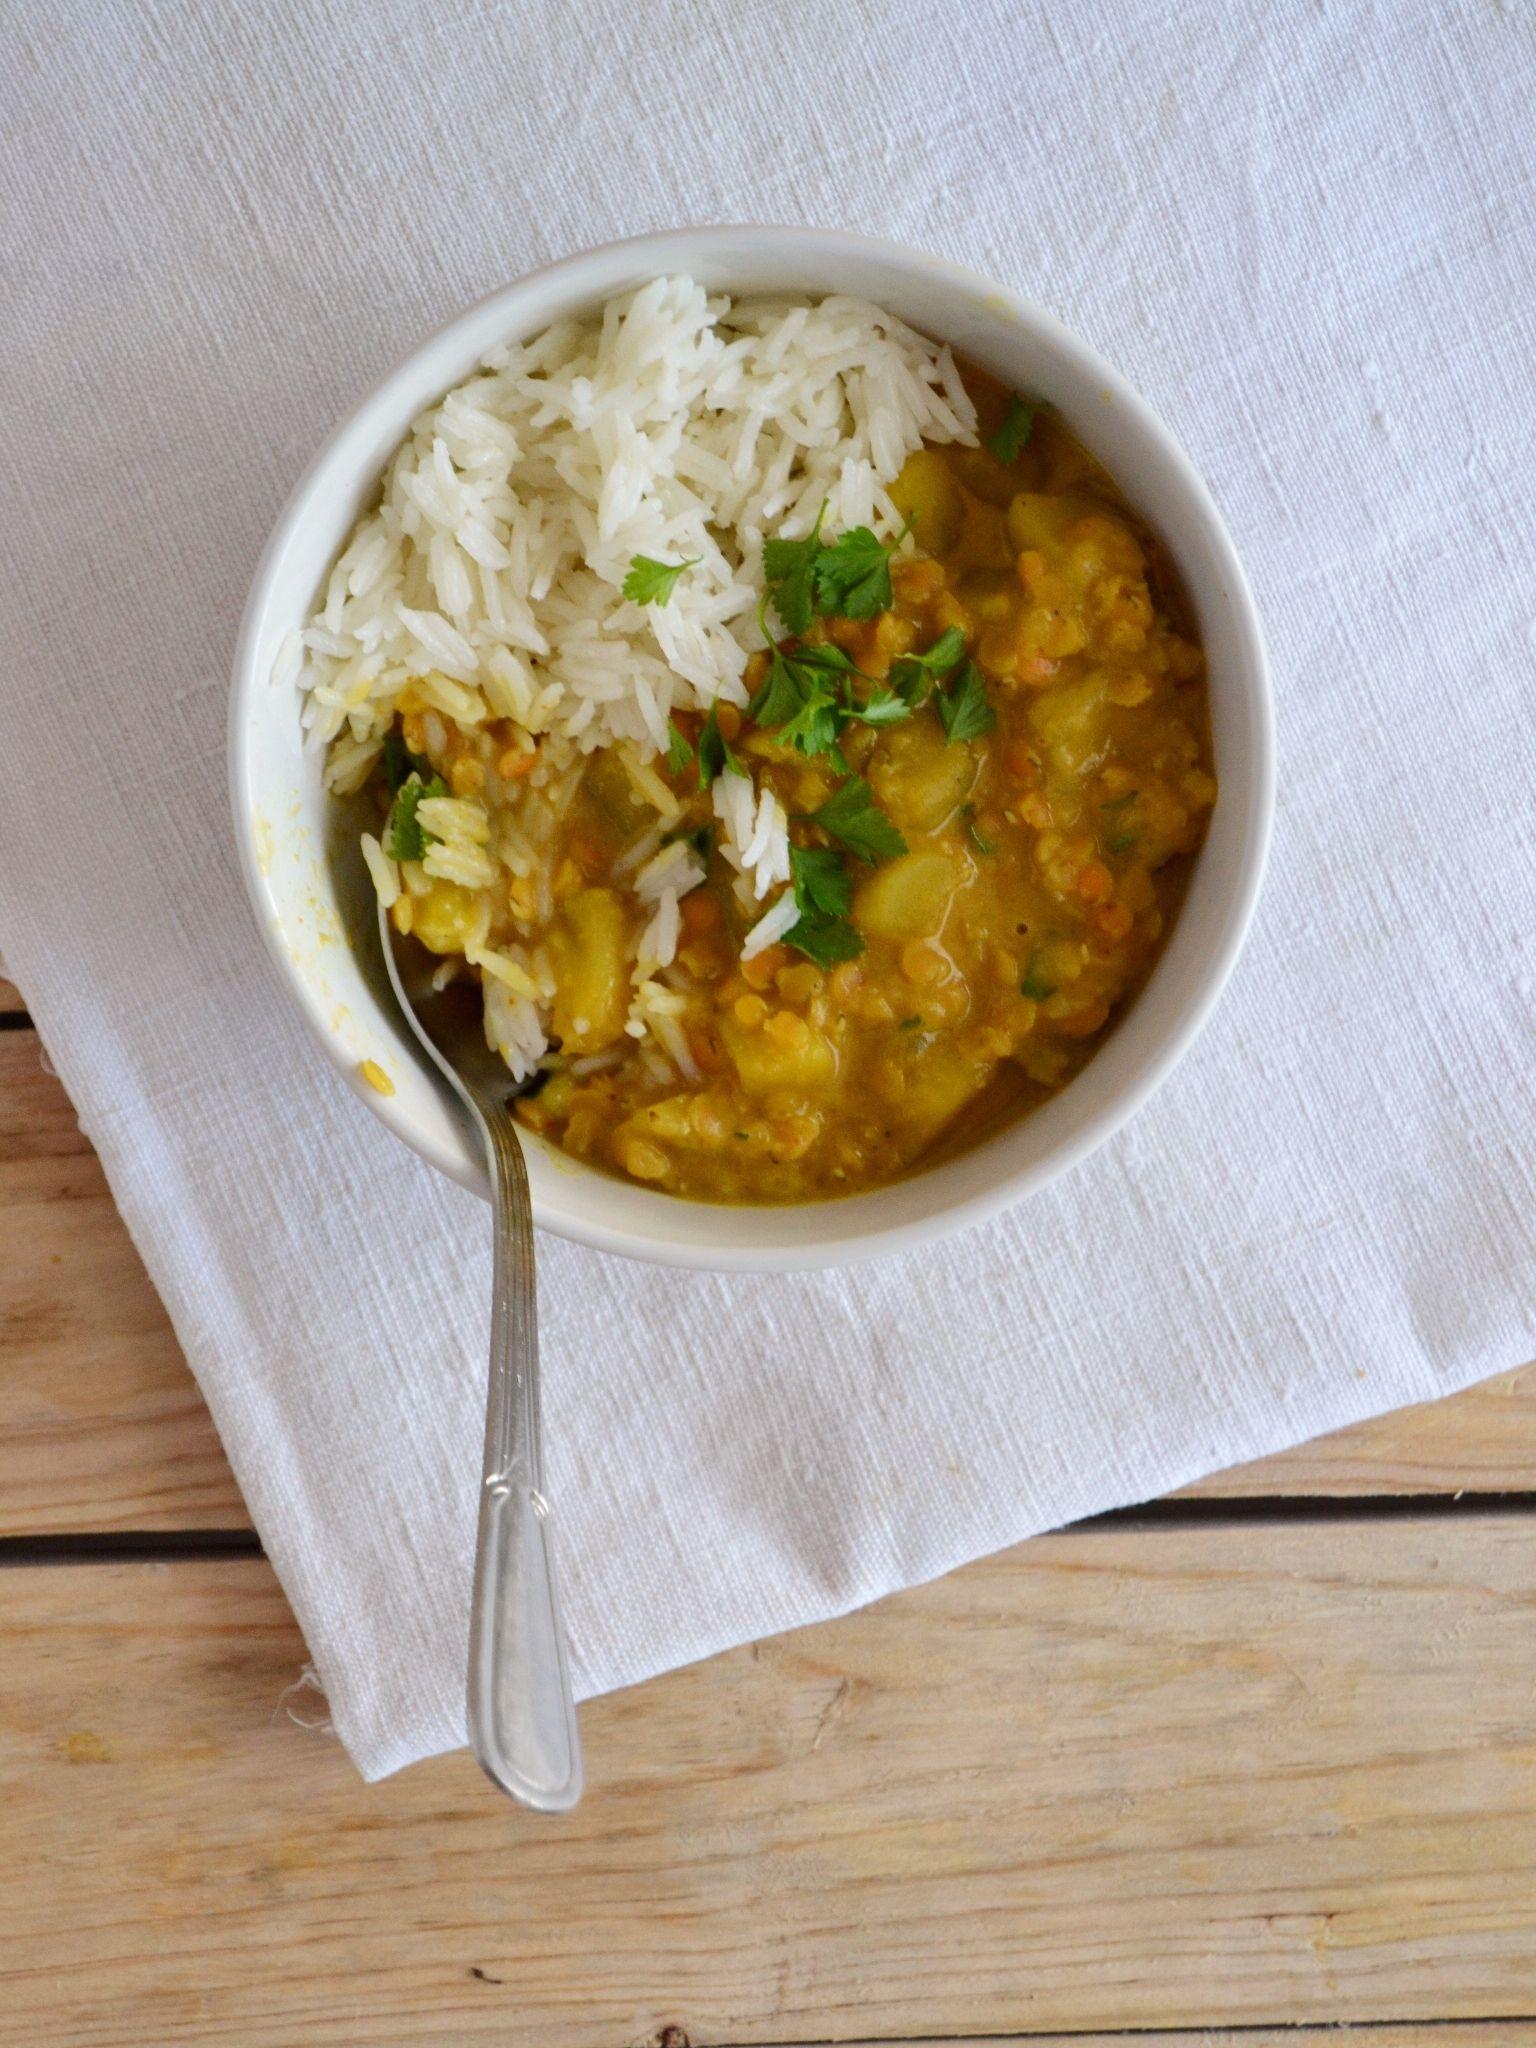 Caril de lentilhas e batata-doce com leite de coco - Compassionate Cuisine